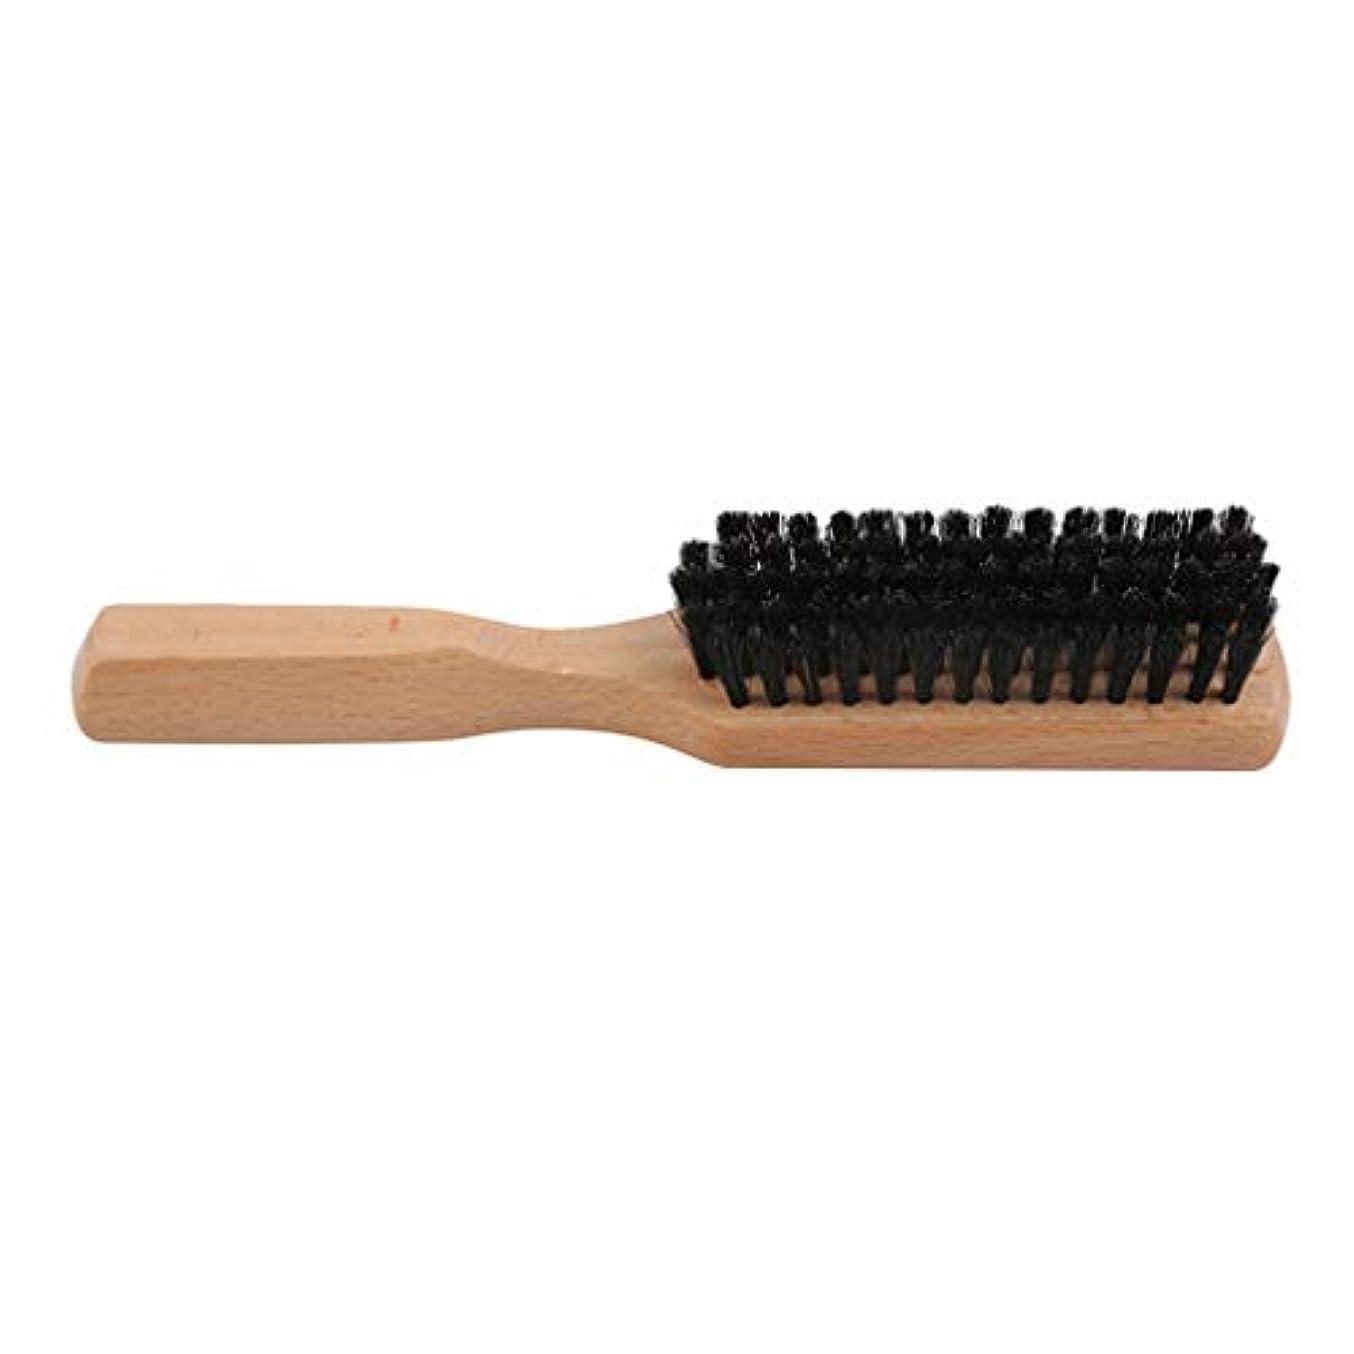 交換可能チロシャトルCngstar シェービング用ブラシ シェービングブラシ メンズ 洗顔 理容 洗顔 髭剃り